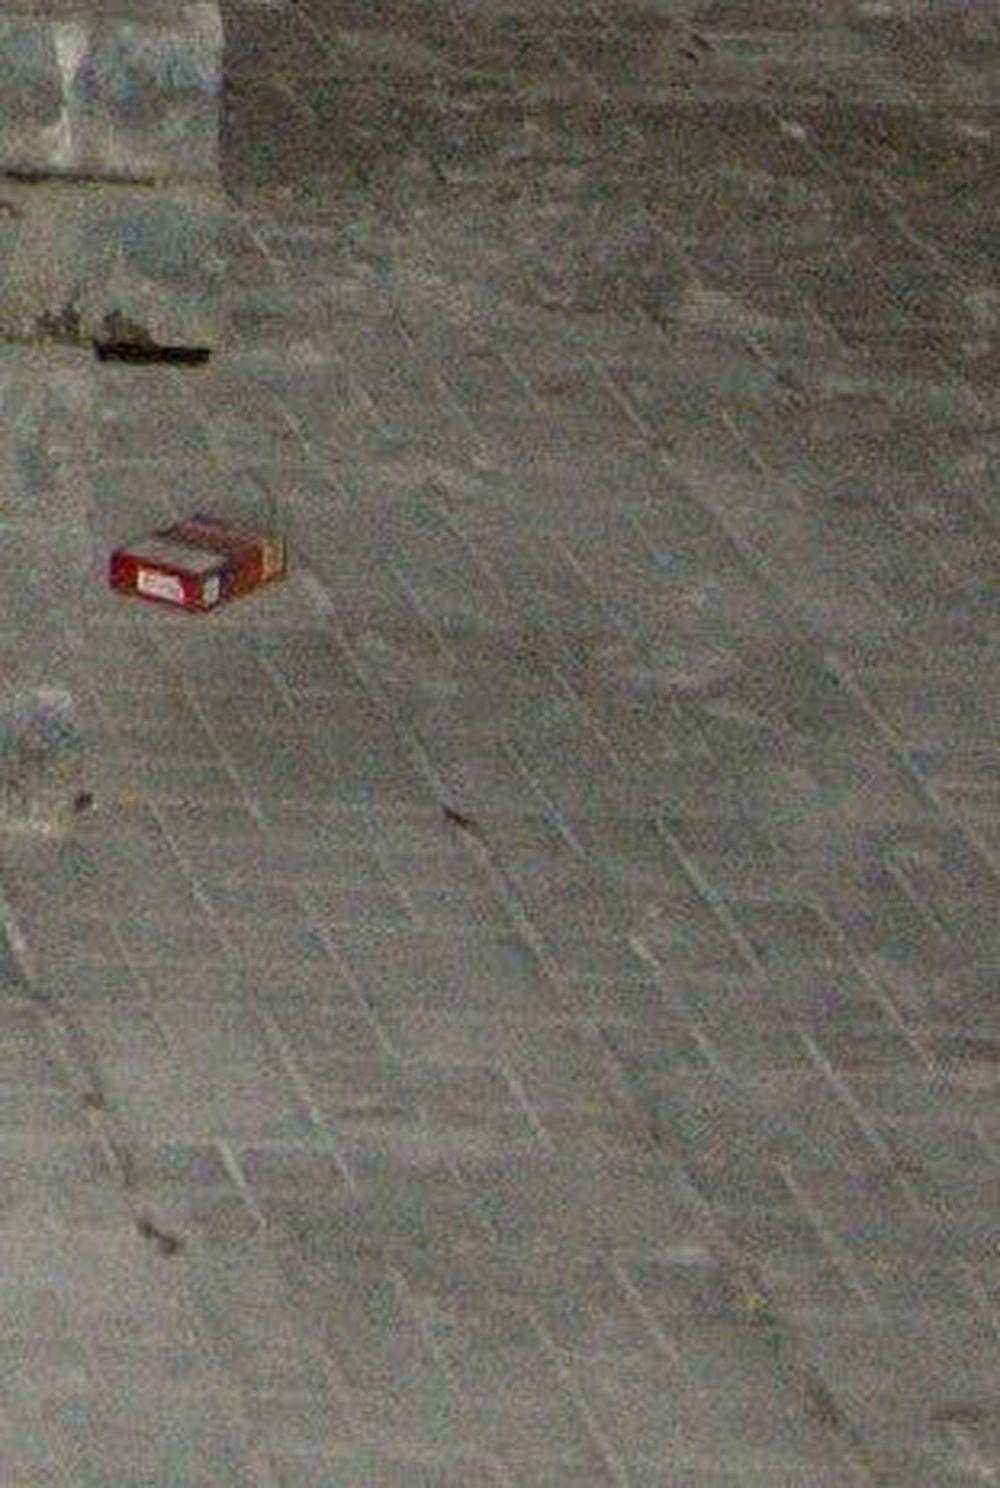 38-ročný Žilinčan sa vlámal do krčmy a ukradol balíčky cigariet, foto 4